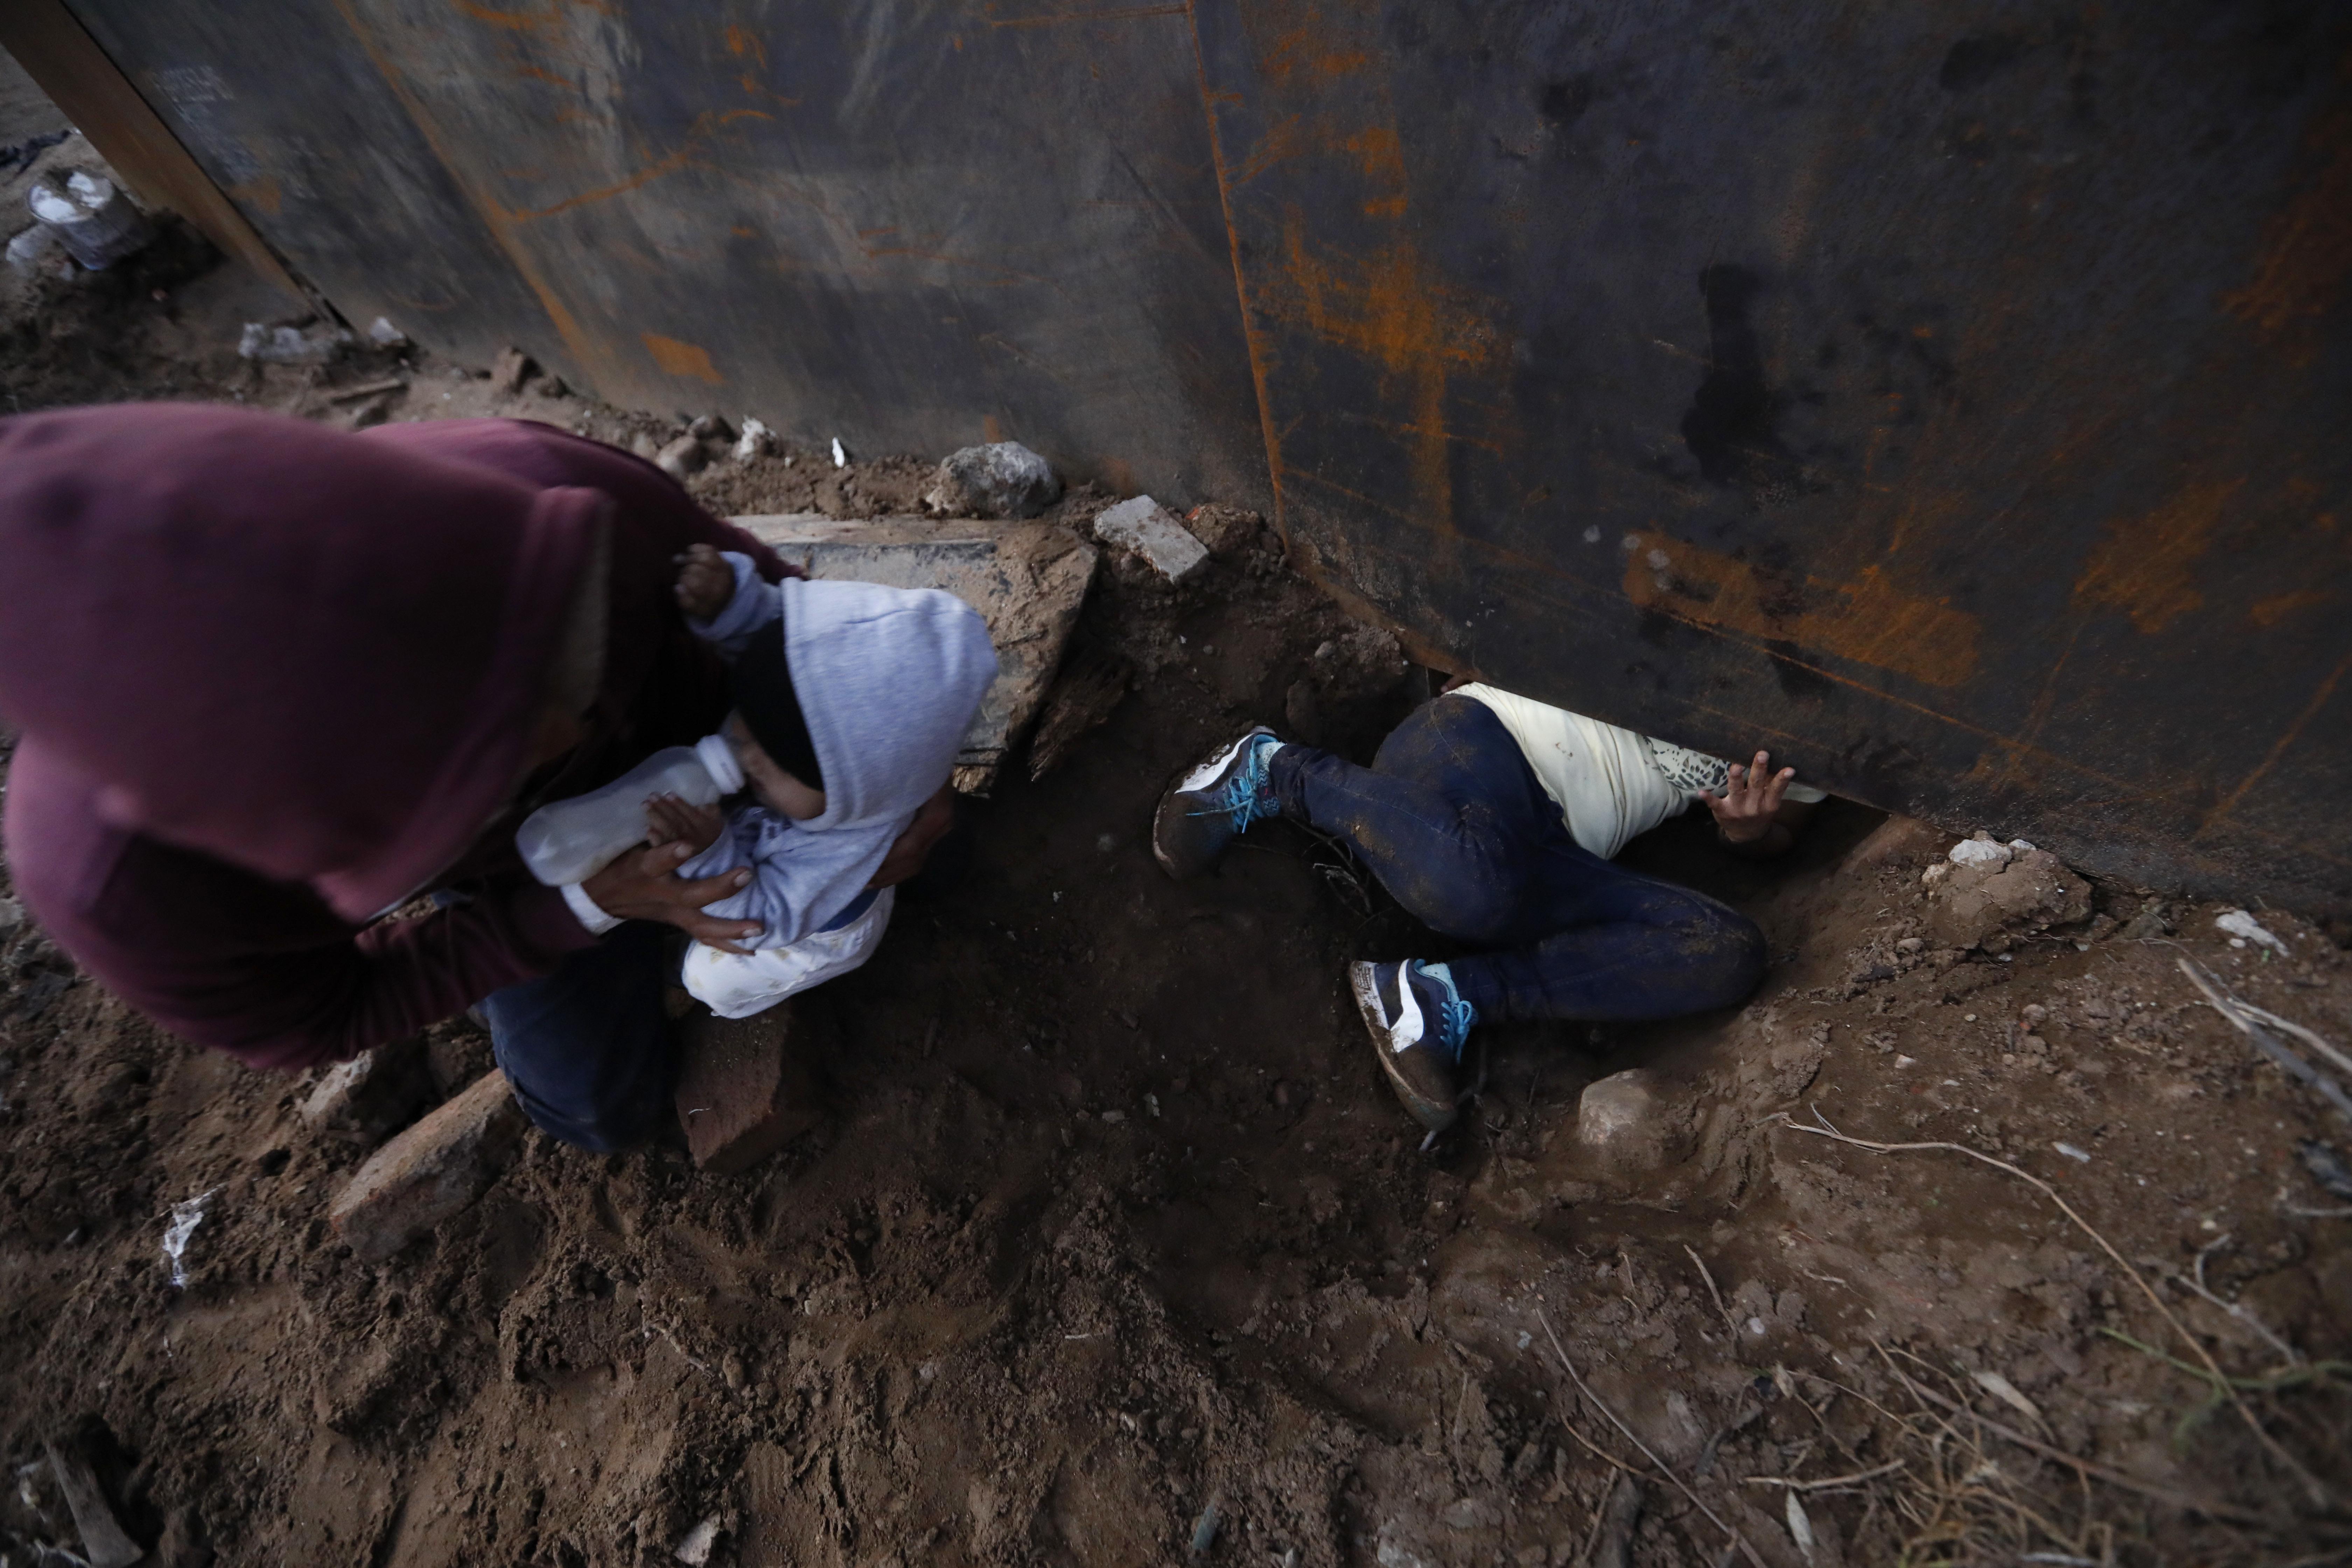 Las lluvias en la zona facilitan las excavaciones para cruzar por debajo del muro